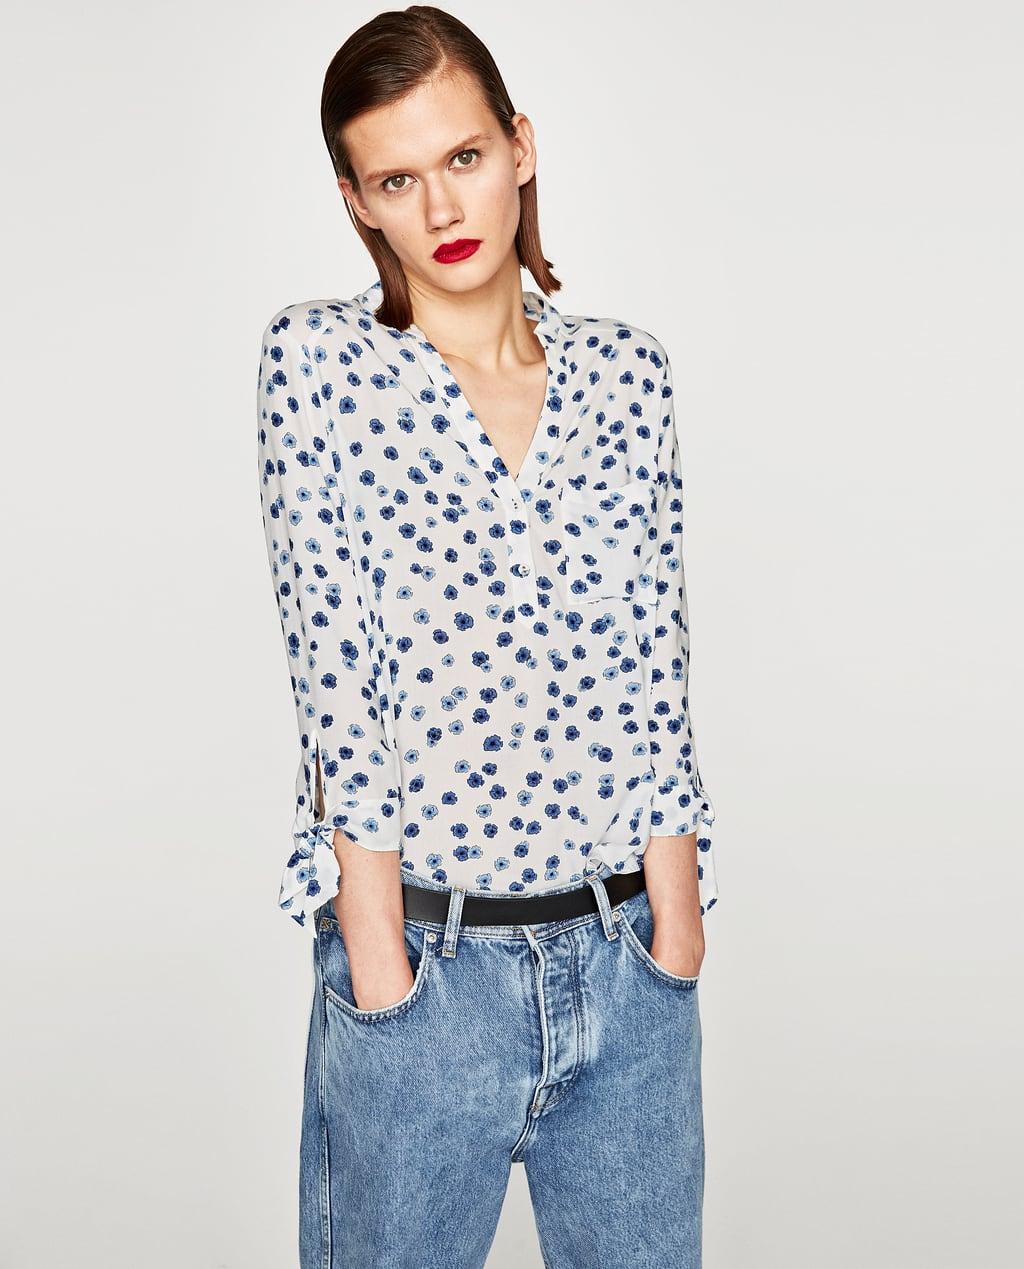 d66f38f40a01 100 модных новинок: Стильные женские рубашки 2018 на фото